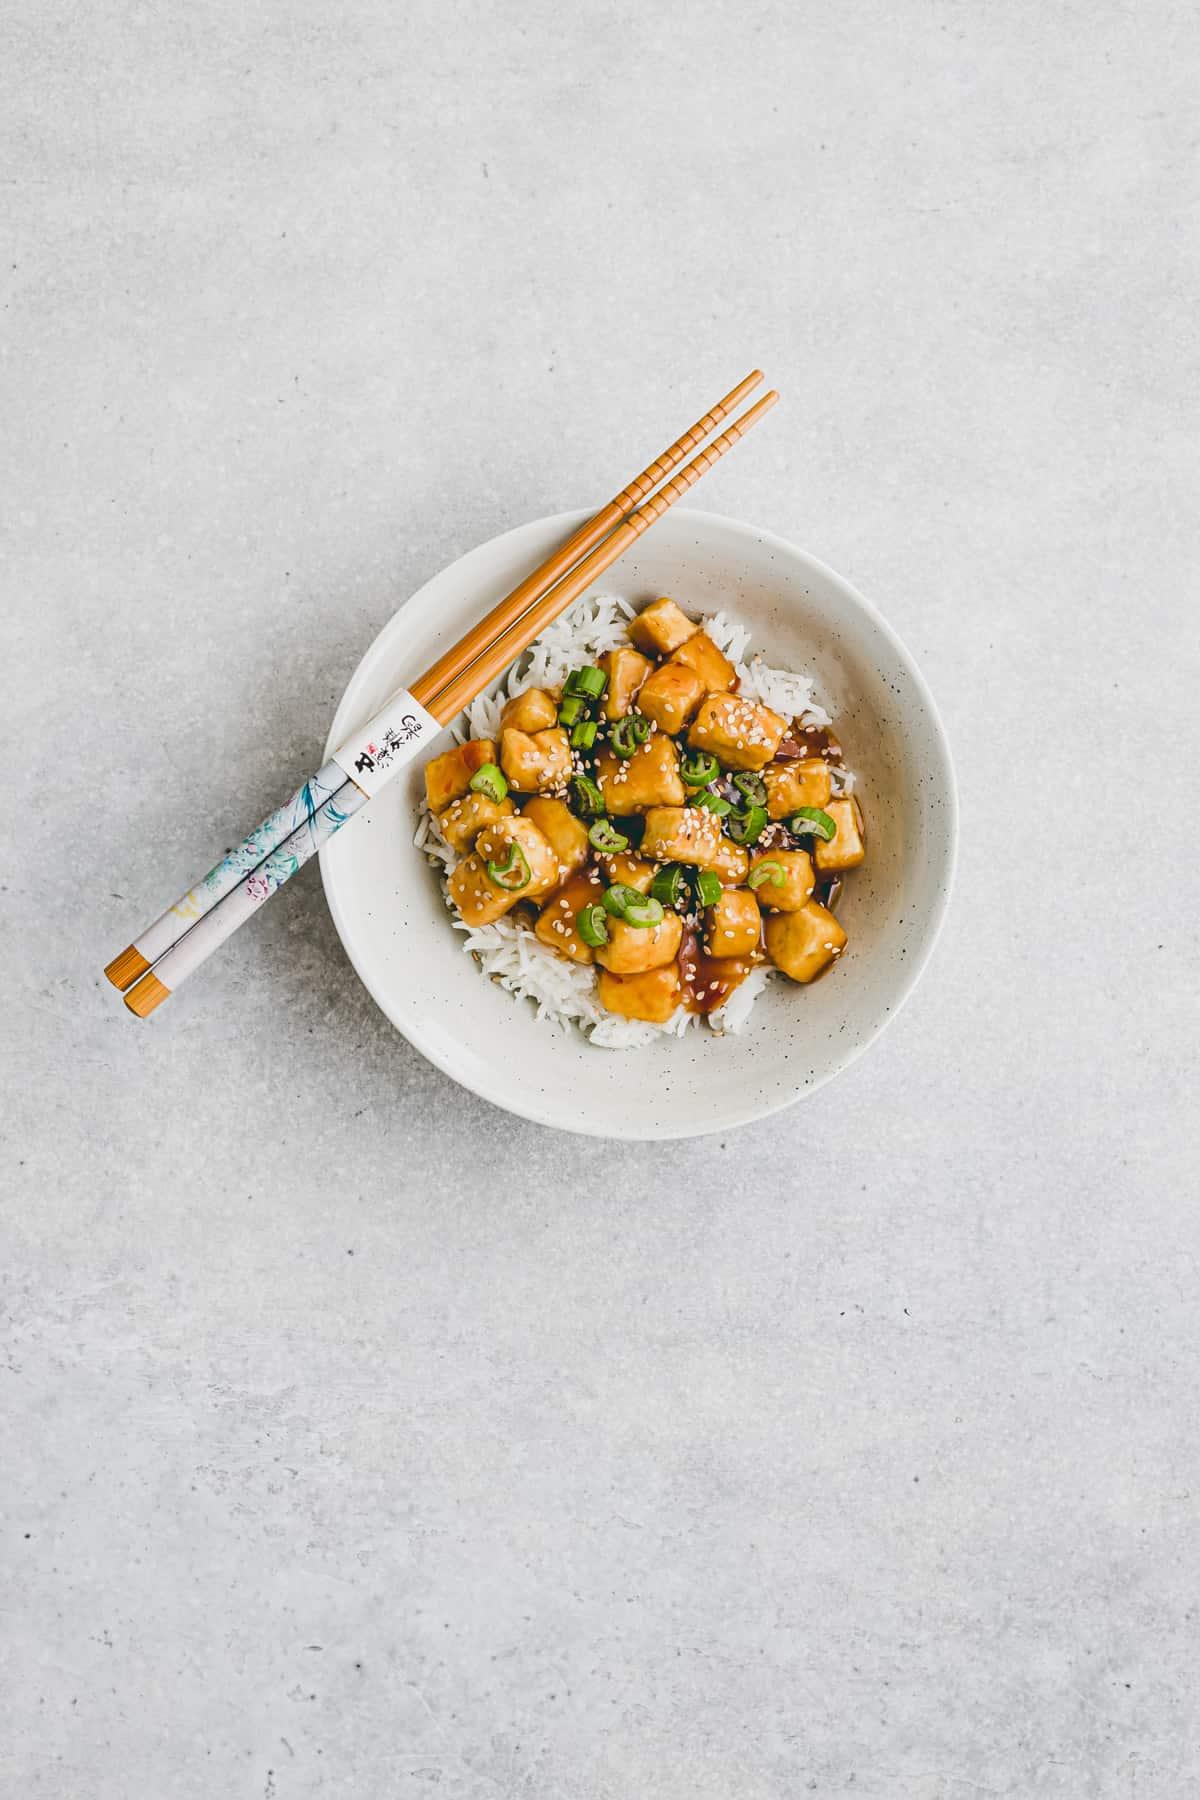 tofu orange chicken with panda express orange sauce in a bowl